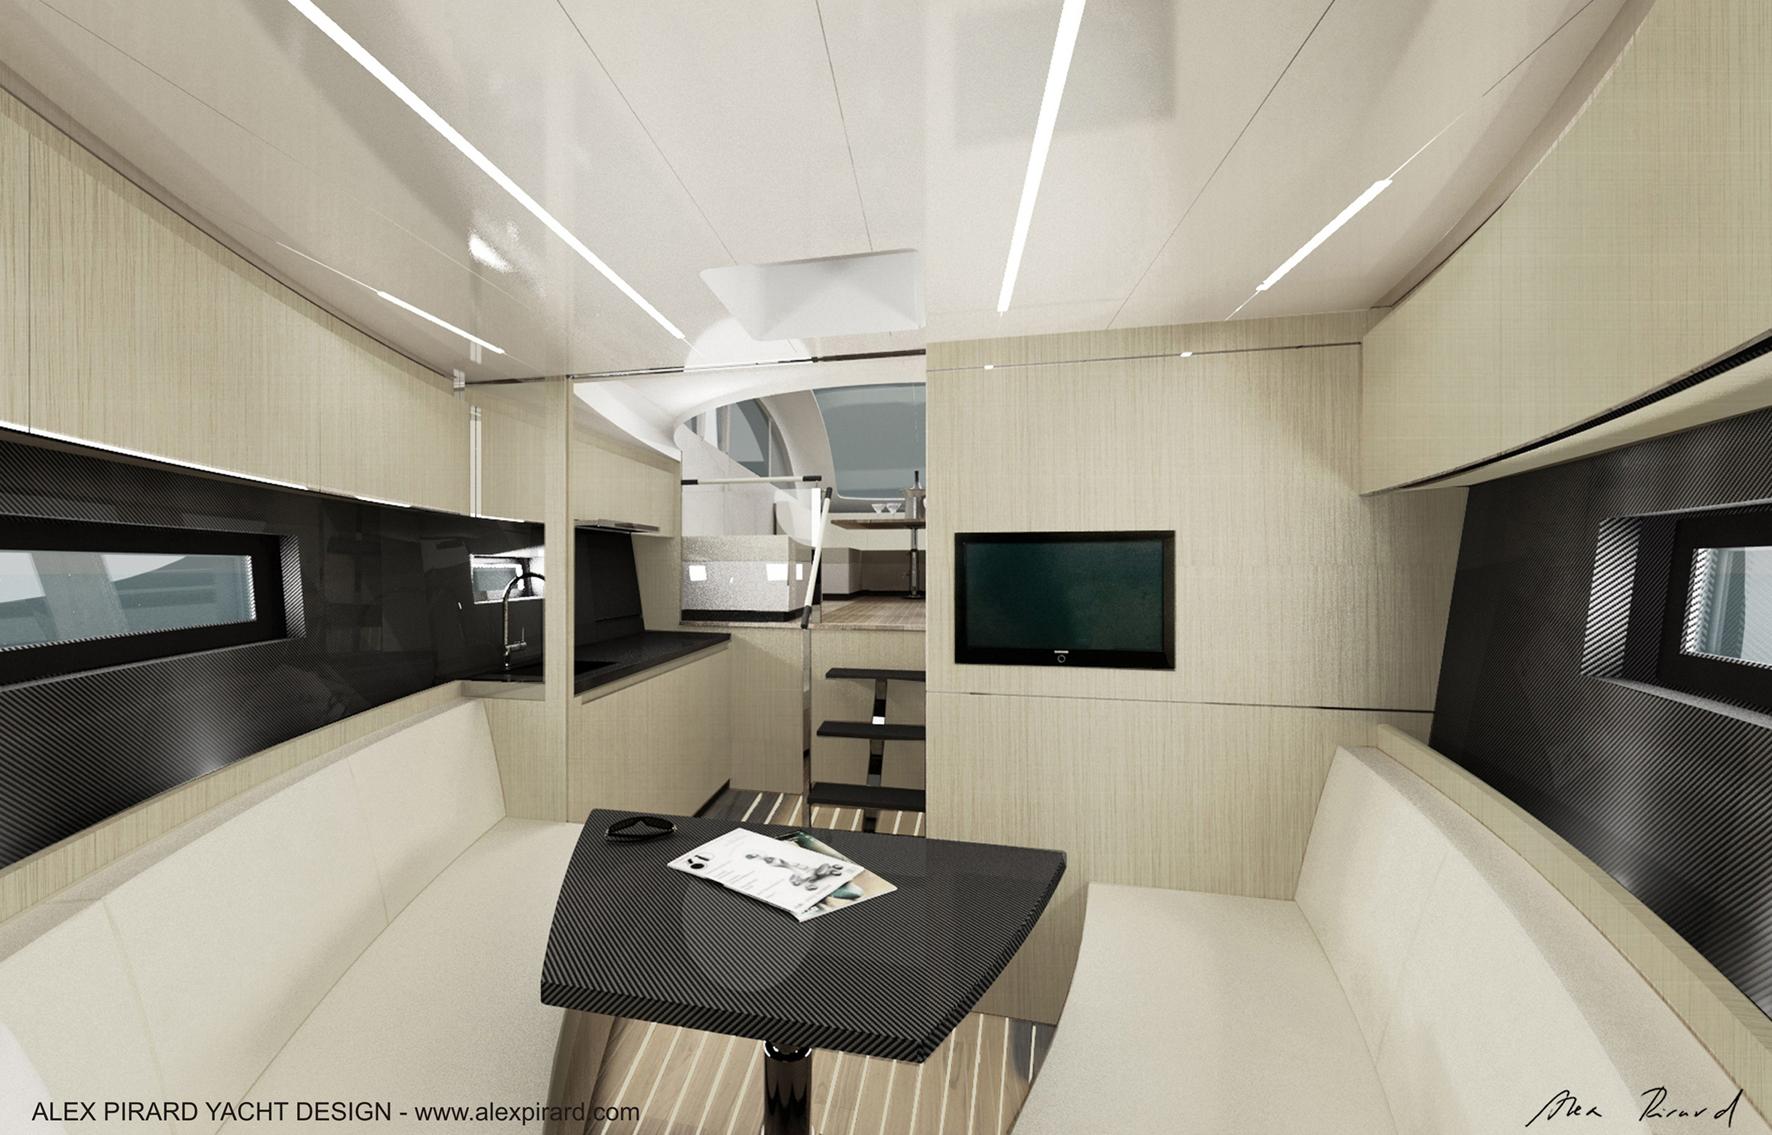 Alex Pirard Yacht Design Oronero Yacht Interior Yacht Charter Superyacht News